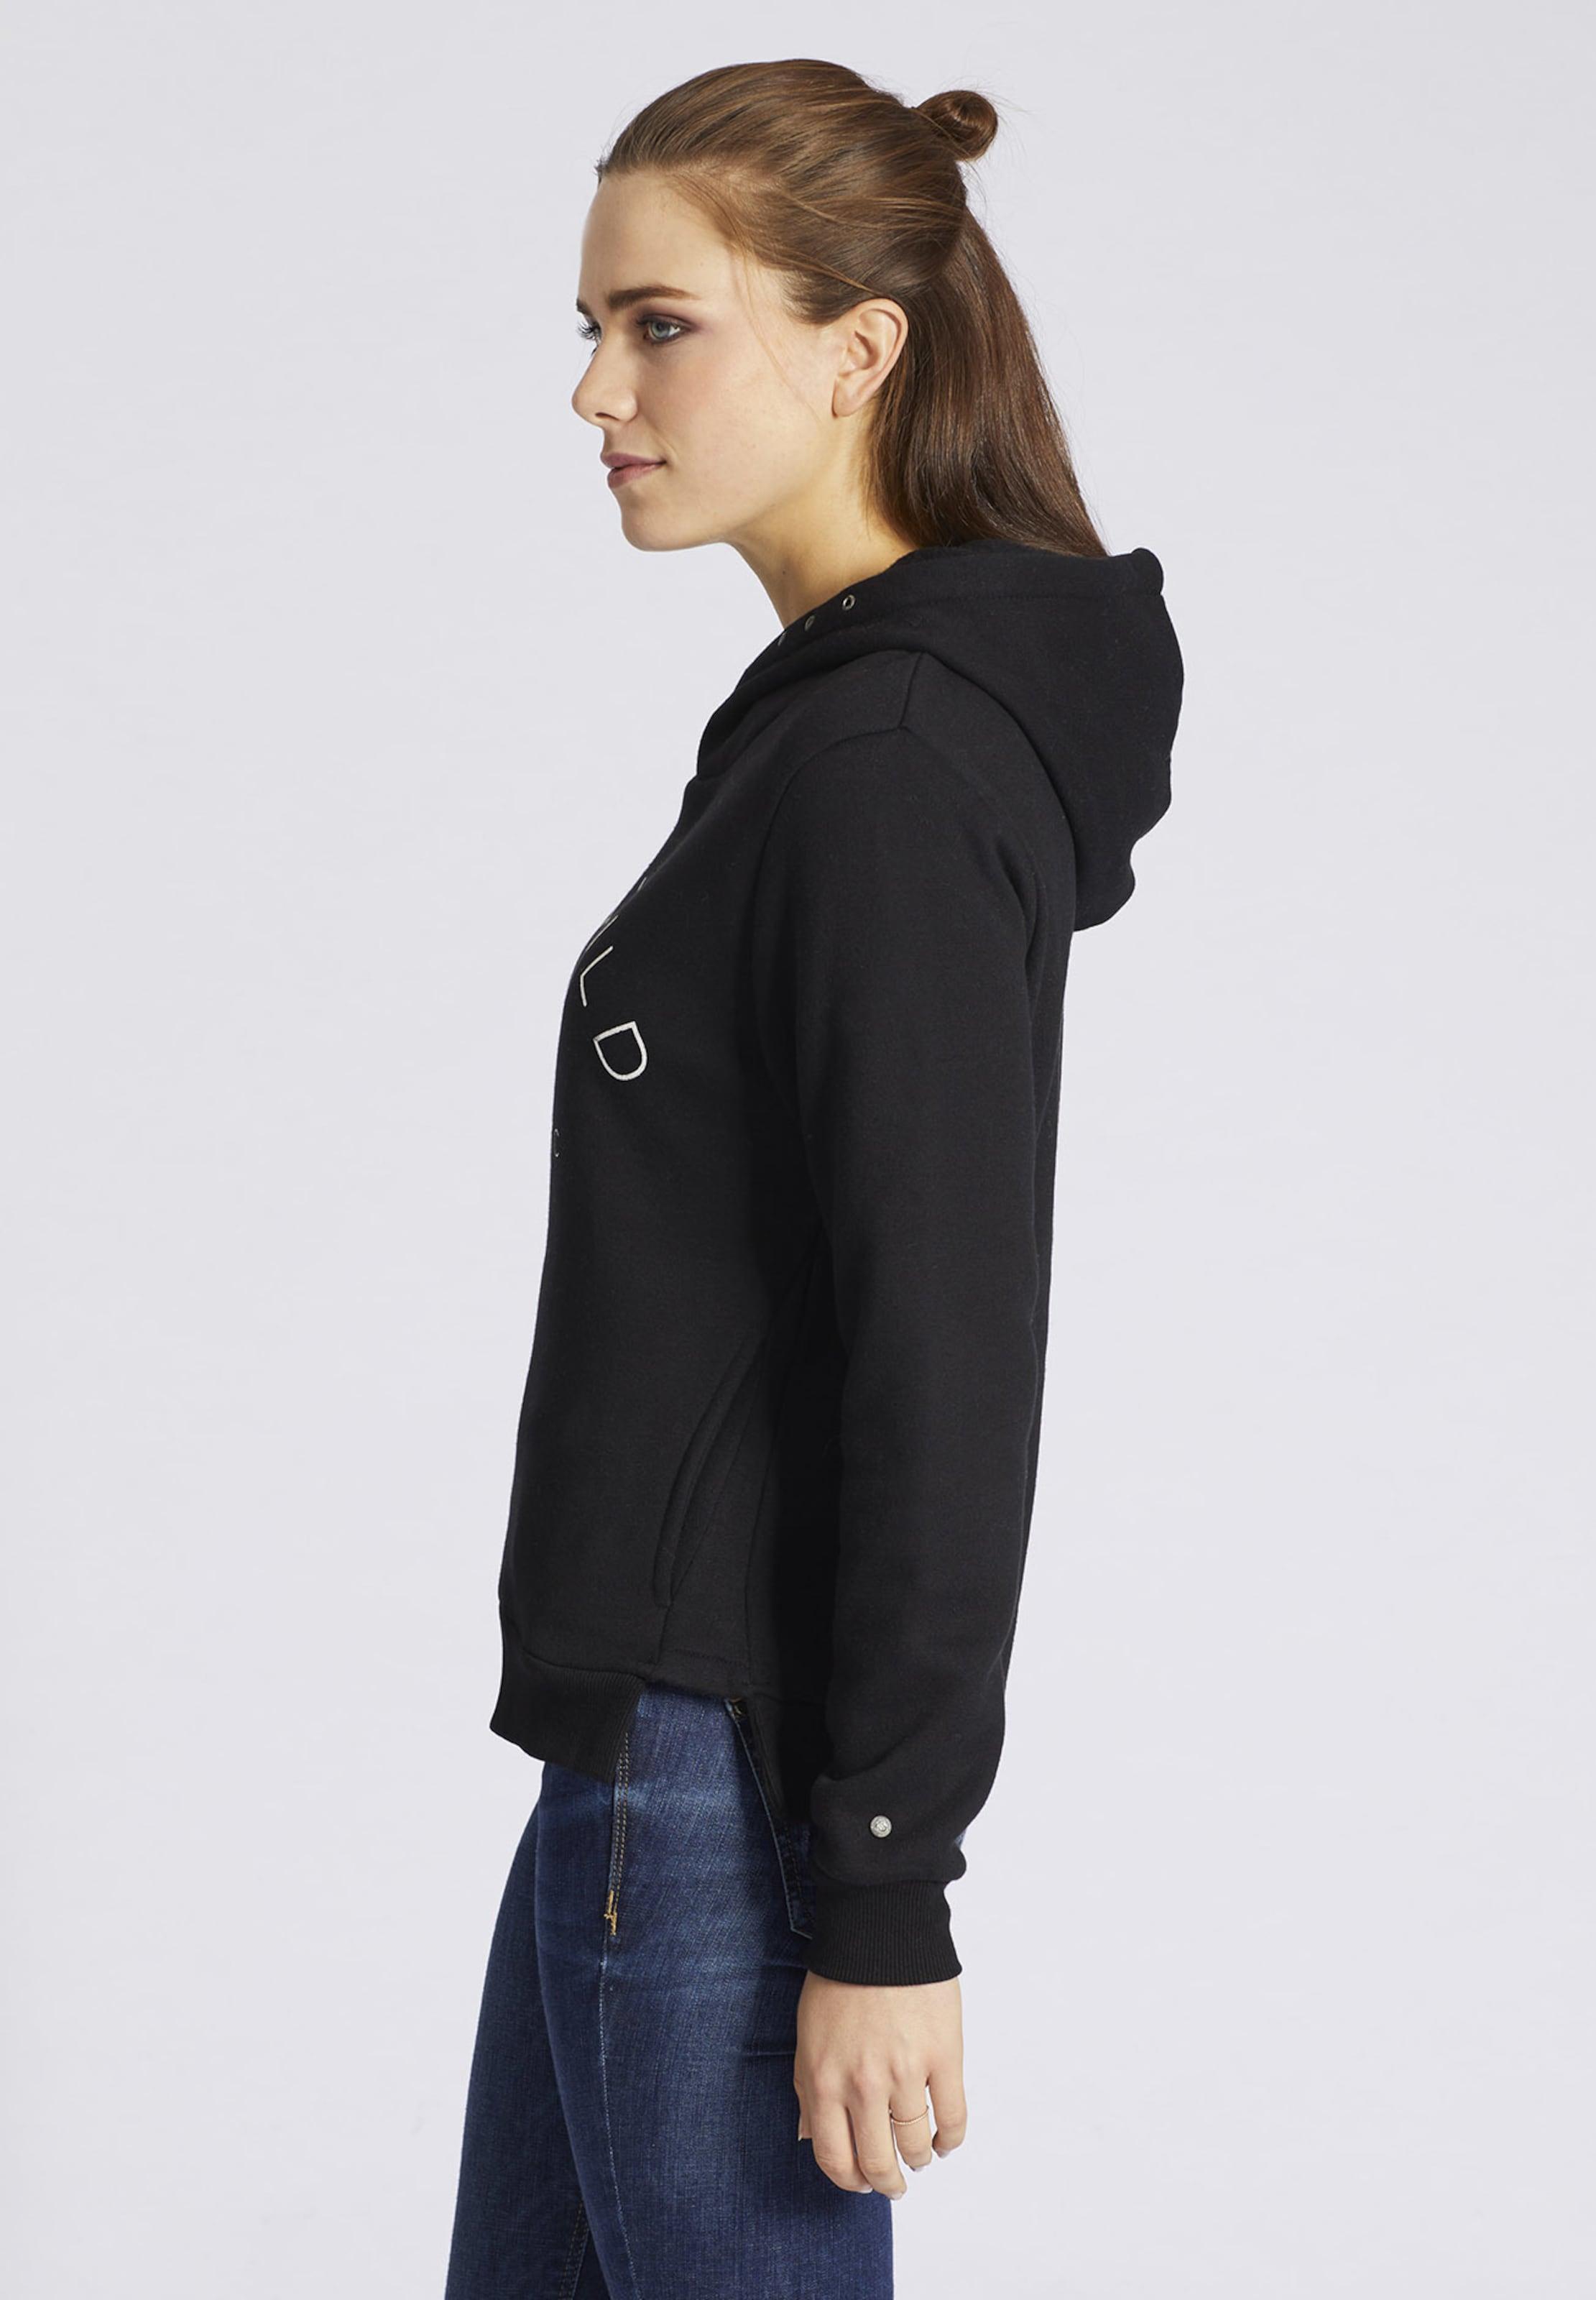 Viele Arten Von Online-Verkauf khujo Sweatshirt 'REBECCA' Verkauf Bestseller Freies Verschiffen Sammlungen XjhItQ4